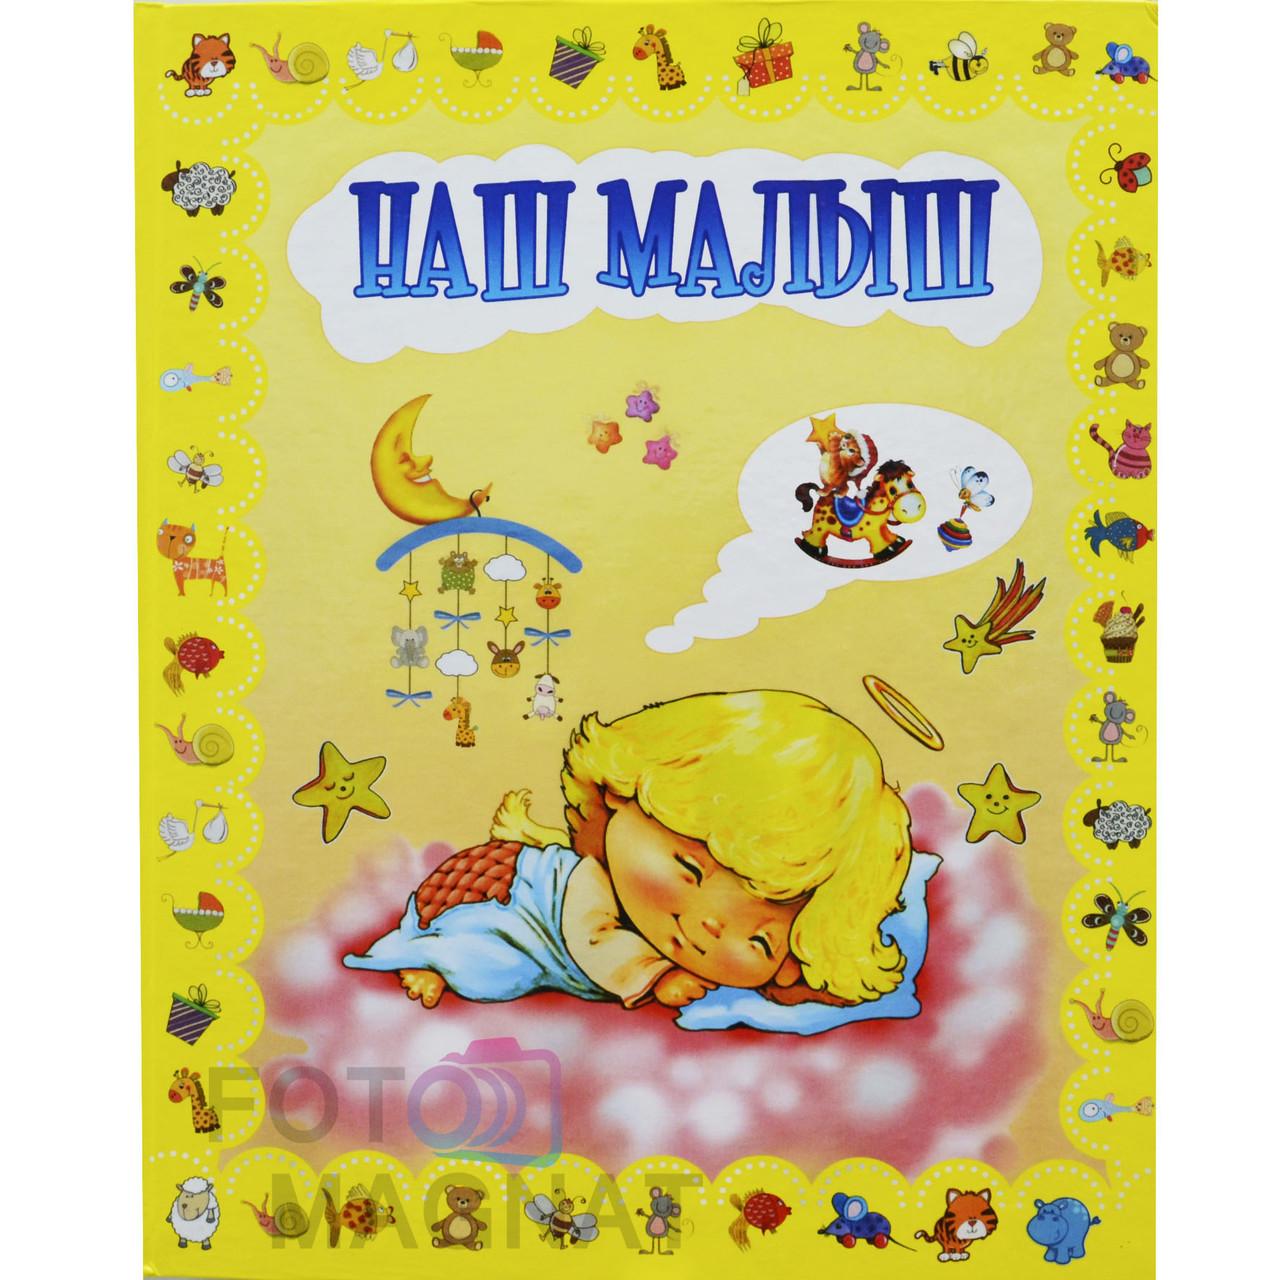 Фотоальбом Наш Малыш (детский альбом) под скотч уголок 42/10Х15,3/13Х18 см.анкета на русском языке